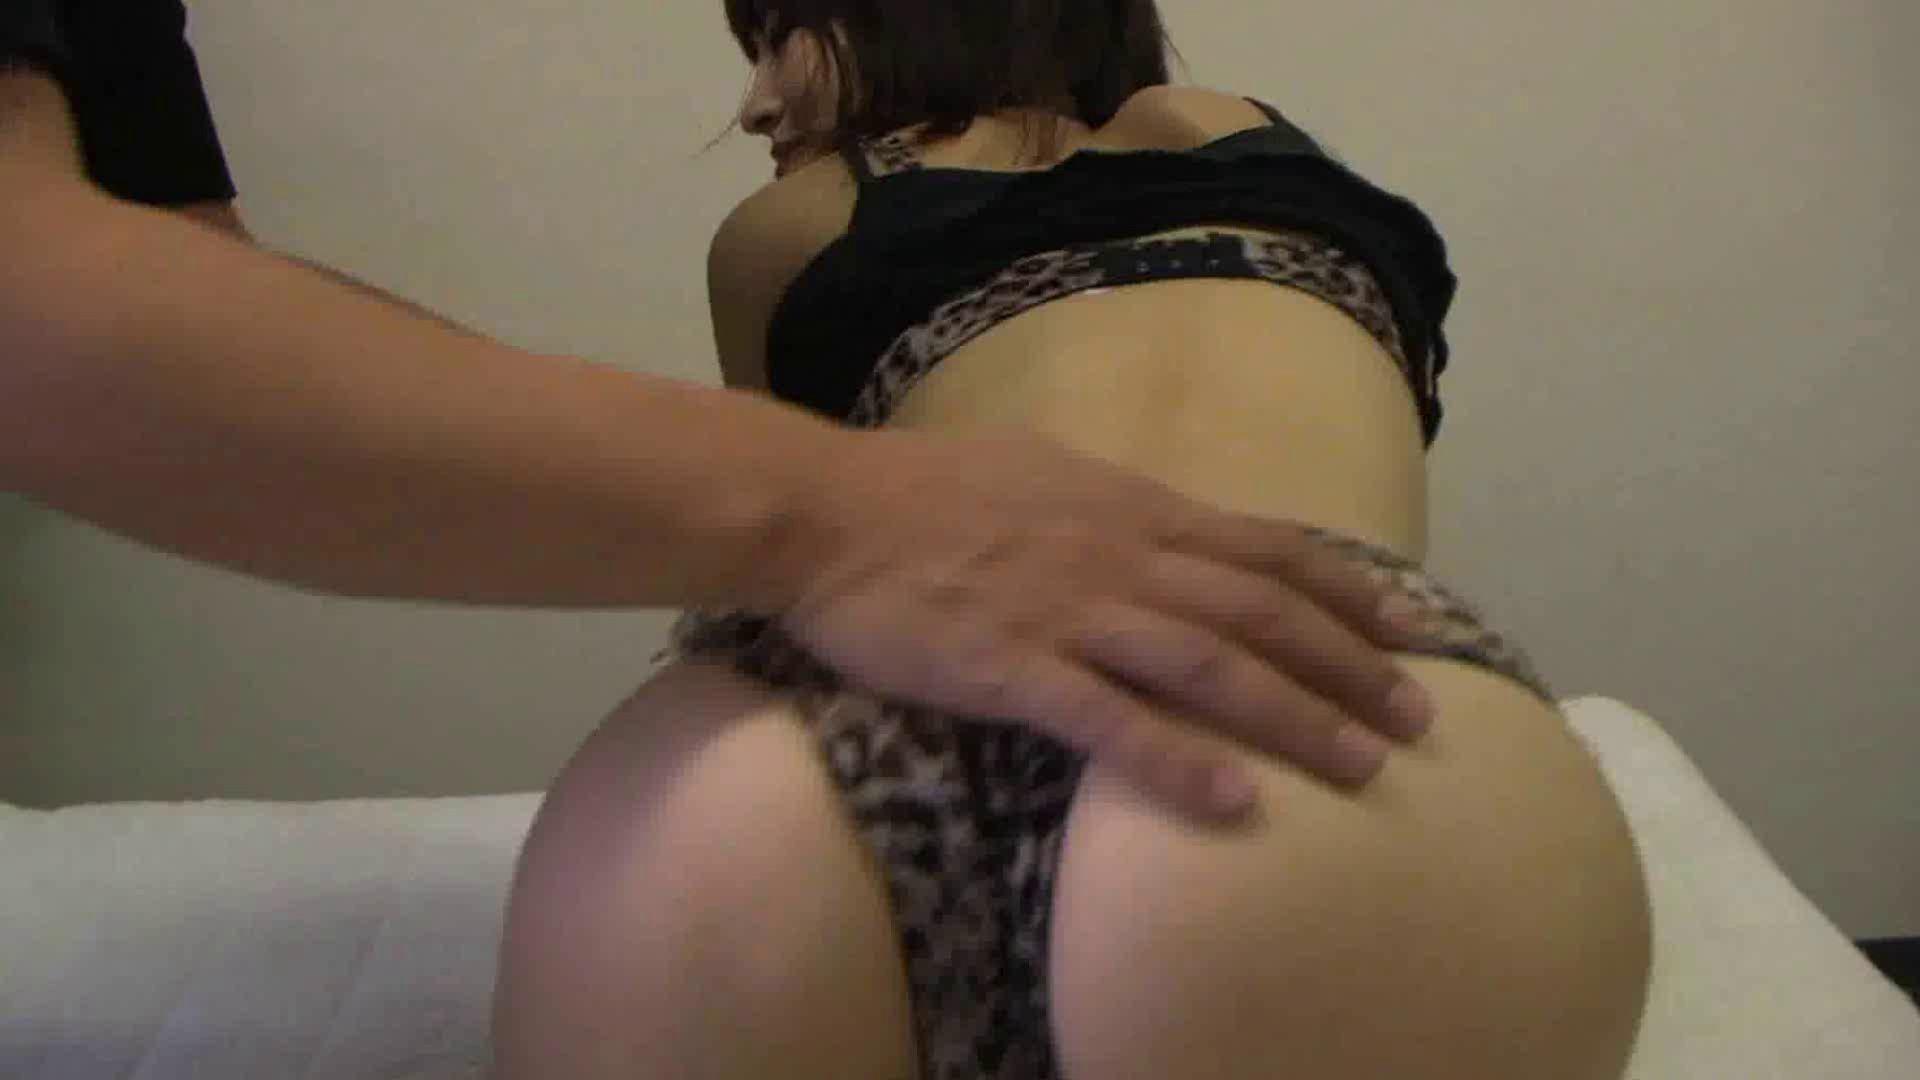 素人S級美女特選!小悪魔ギャル噂のビッチガールVol.26 素人ギャル女 濡れ場動画紹介 20連発 3